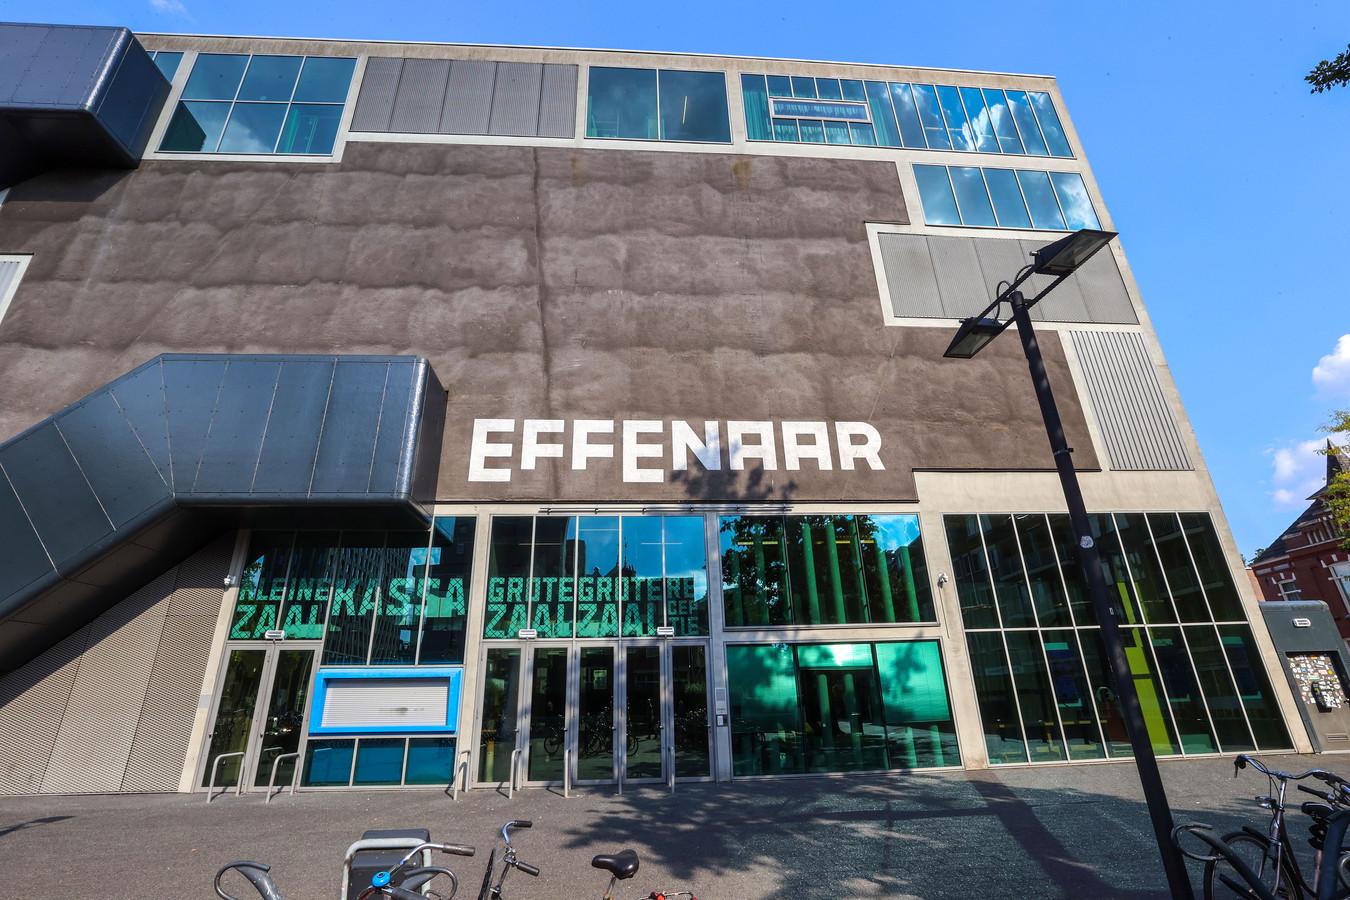 De Effenaar in Eindhoven